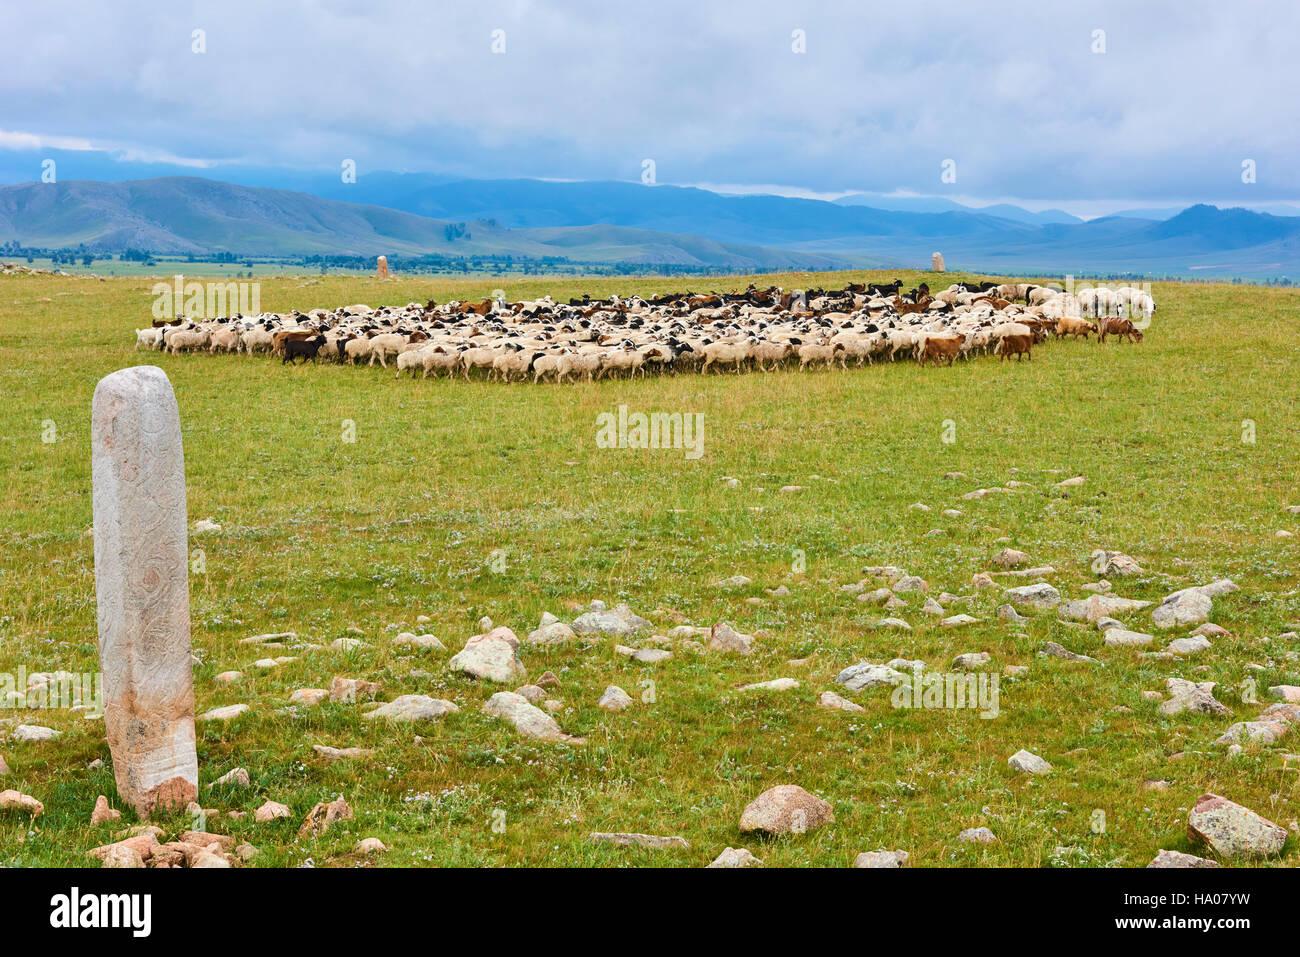 Mongolia, provincia Arkhangai, un allevamento di ovini nei pressi di un cervo pietra dell età del bronzo Immagini Stock